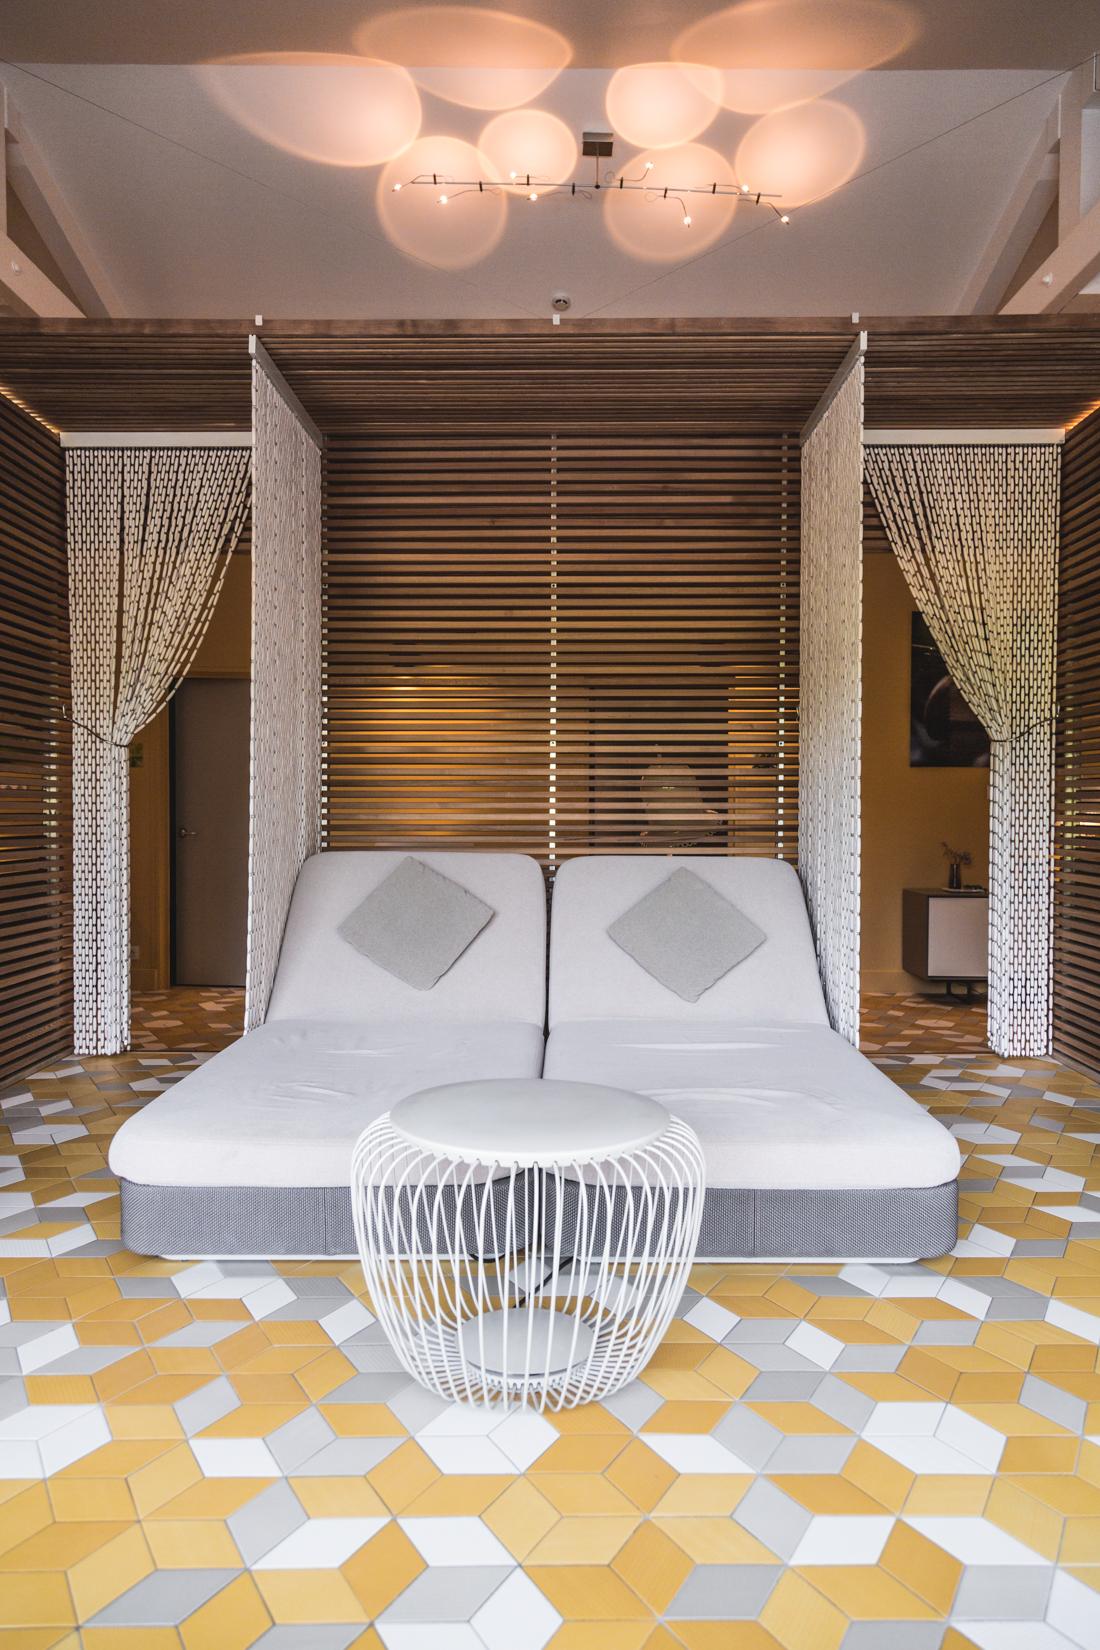 VP_loccitane_en_provence_terre_de_lumiere_hotel_couvent_des_minimes_copyright_PaulinePRIVEZ_paulinefashionblog_com-25